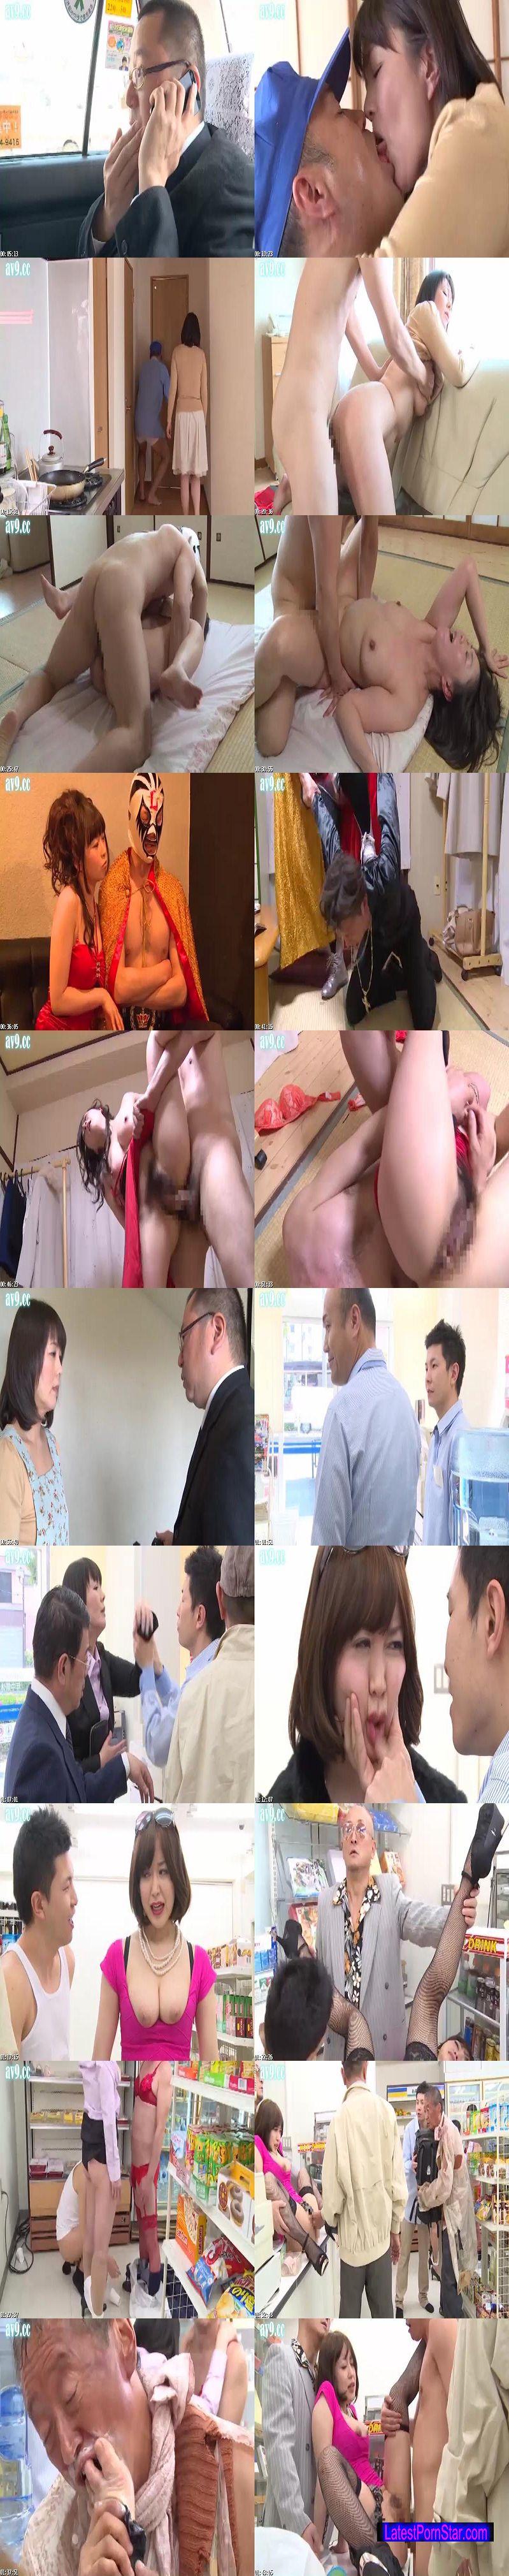 [NSPS-290] 中年男の夢を叶えるセックス やりたい放題!6